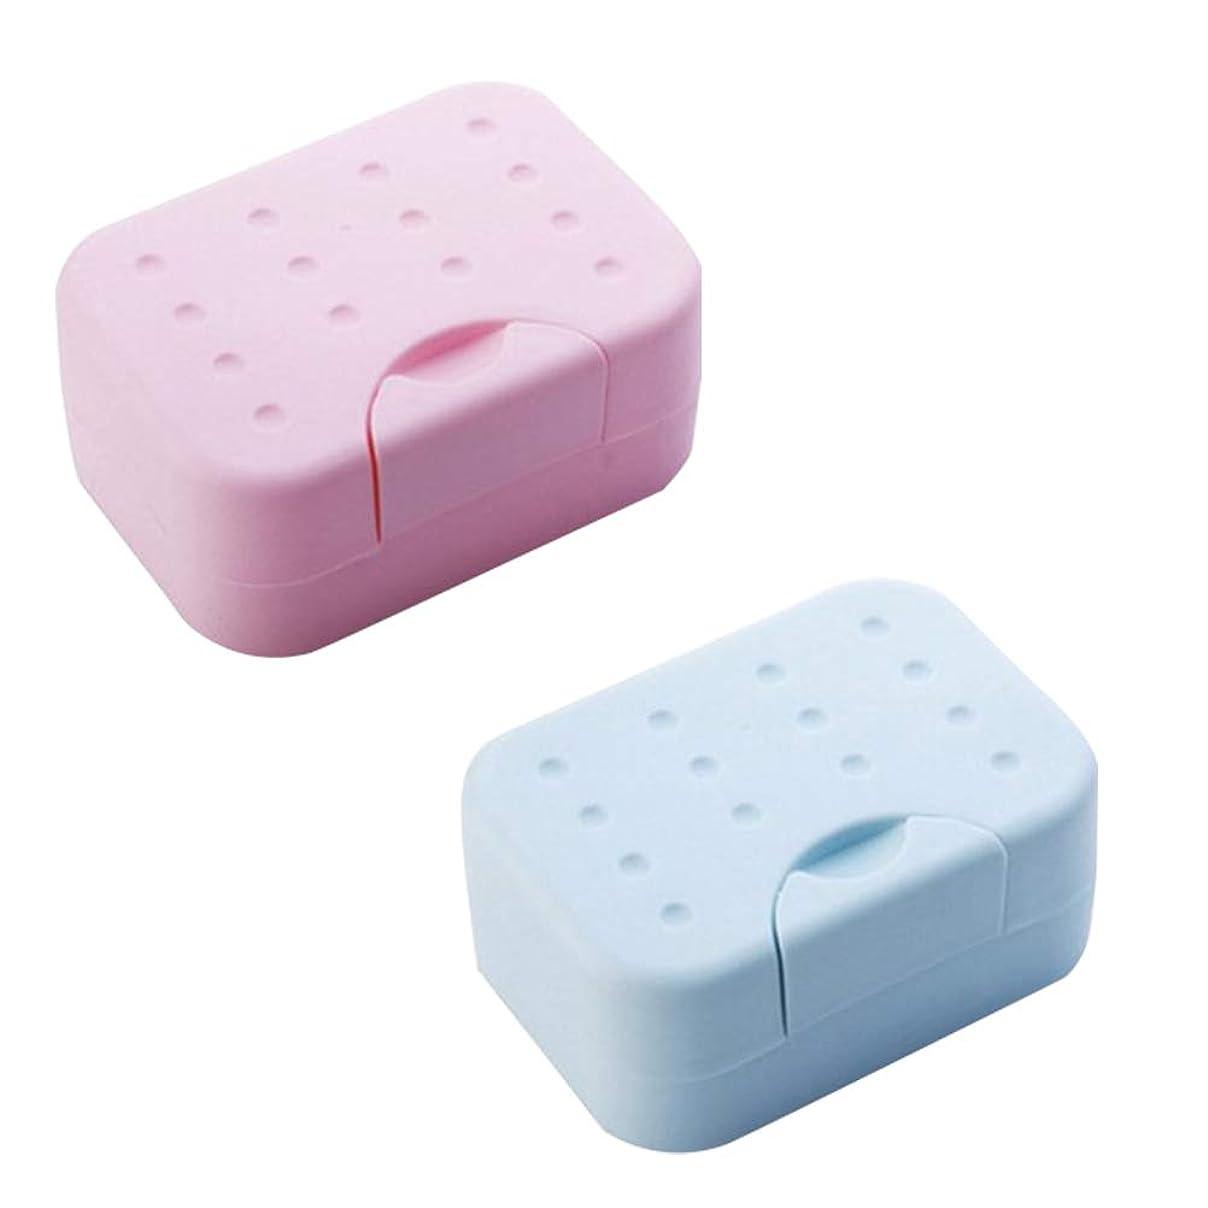 接地モザイクスクラップブックHealifty 2PC石鹸容器旅行石鹸ボックス石けんケース耐久性プラスチック防水飲料水スポンジ石鹸キャビネットのための食器ホルダーホームバスルーム(赤と青)